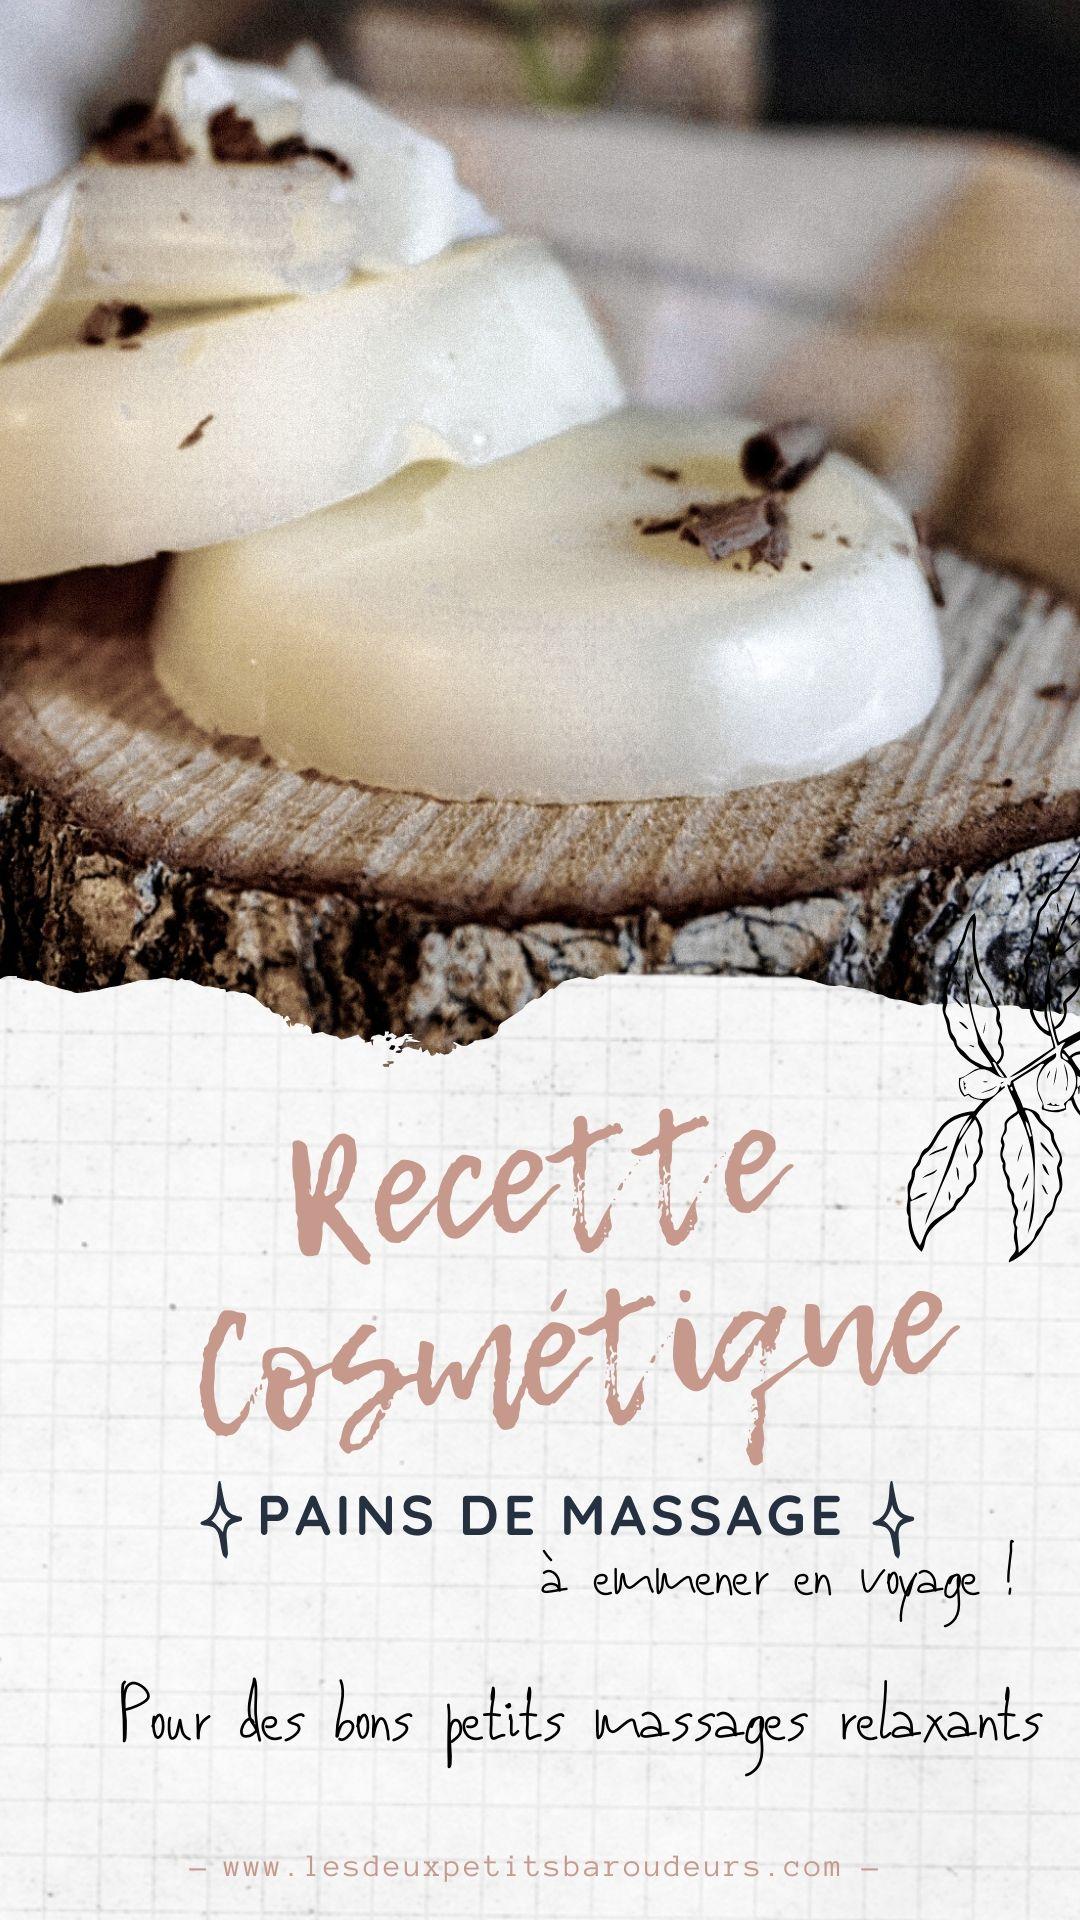 recette cosmétique massage